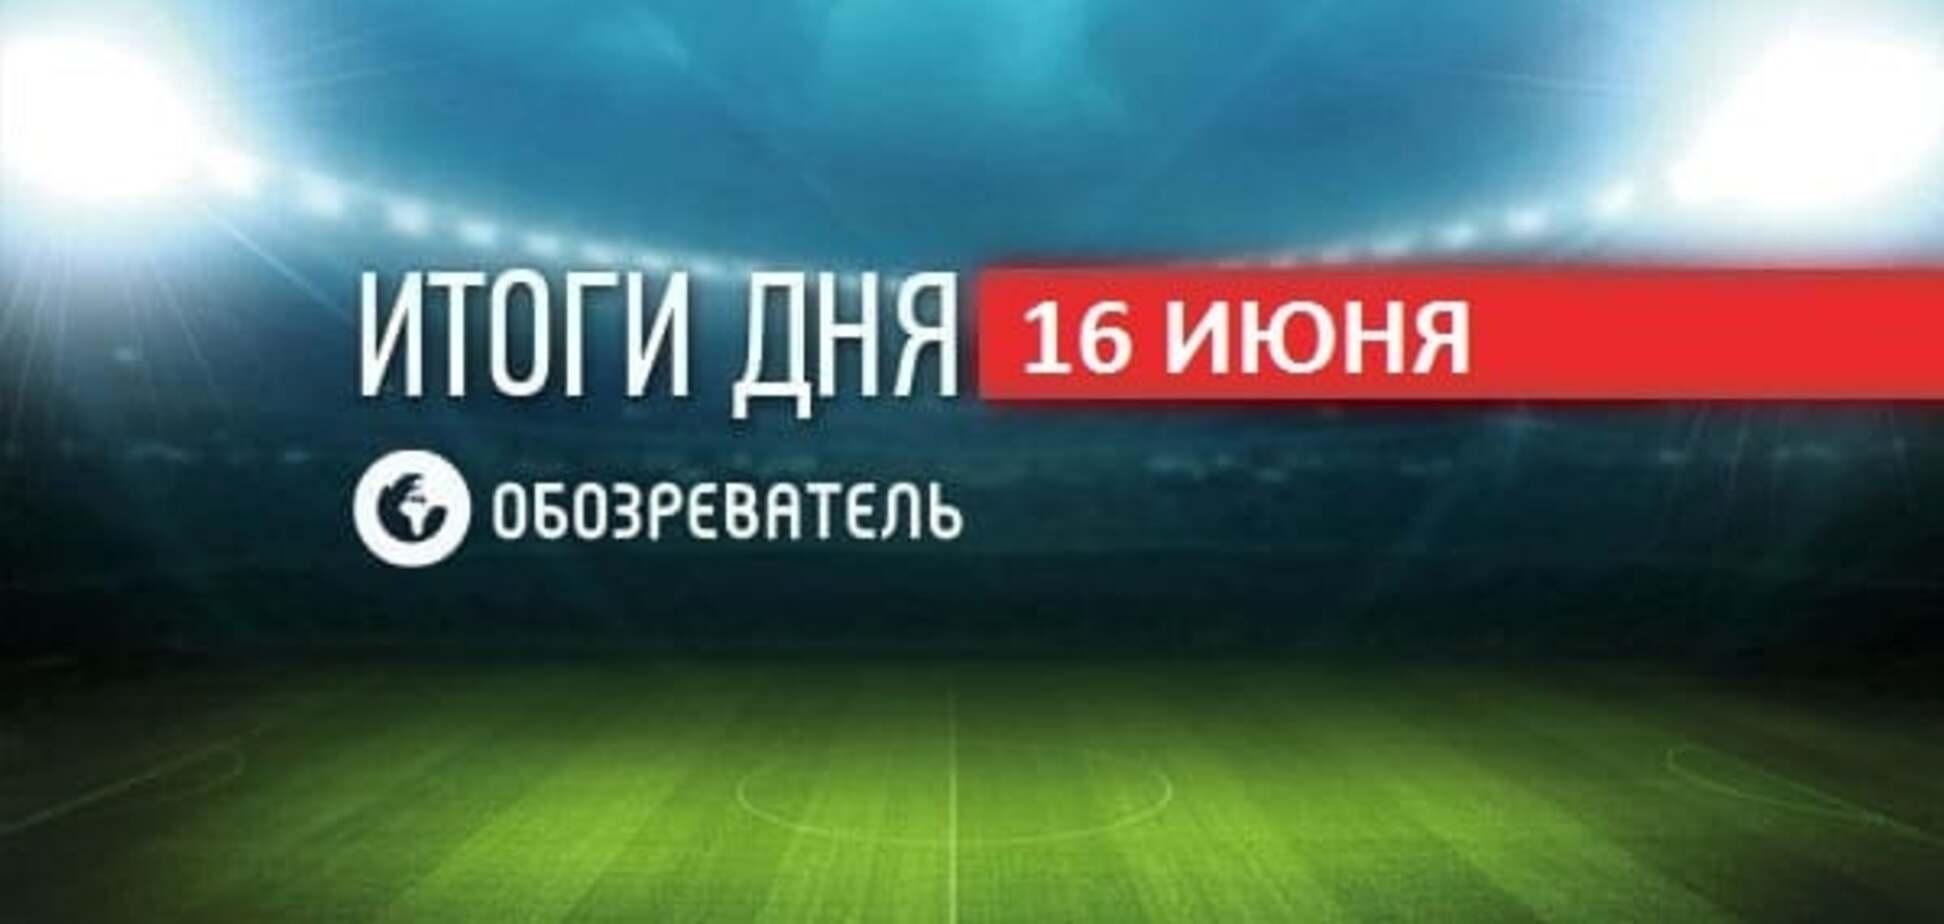 Україна бездарно вилетіла з Євро-2016. Спортивні підсумки за 16 червня